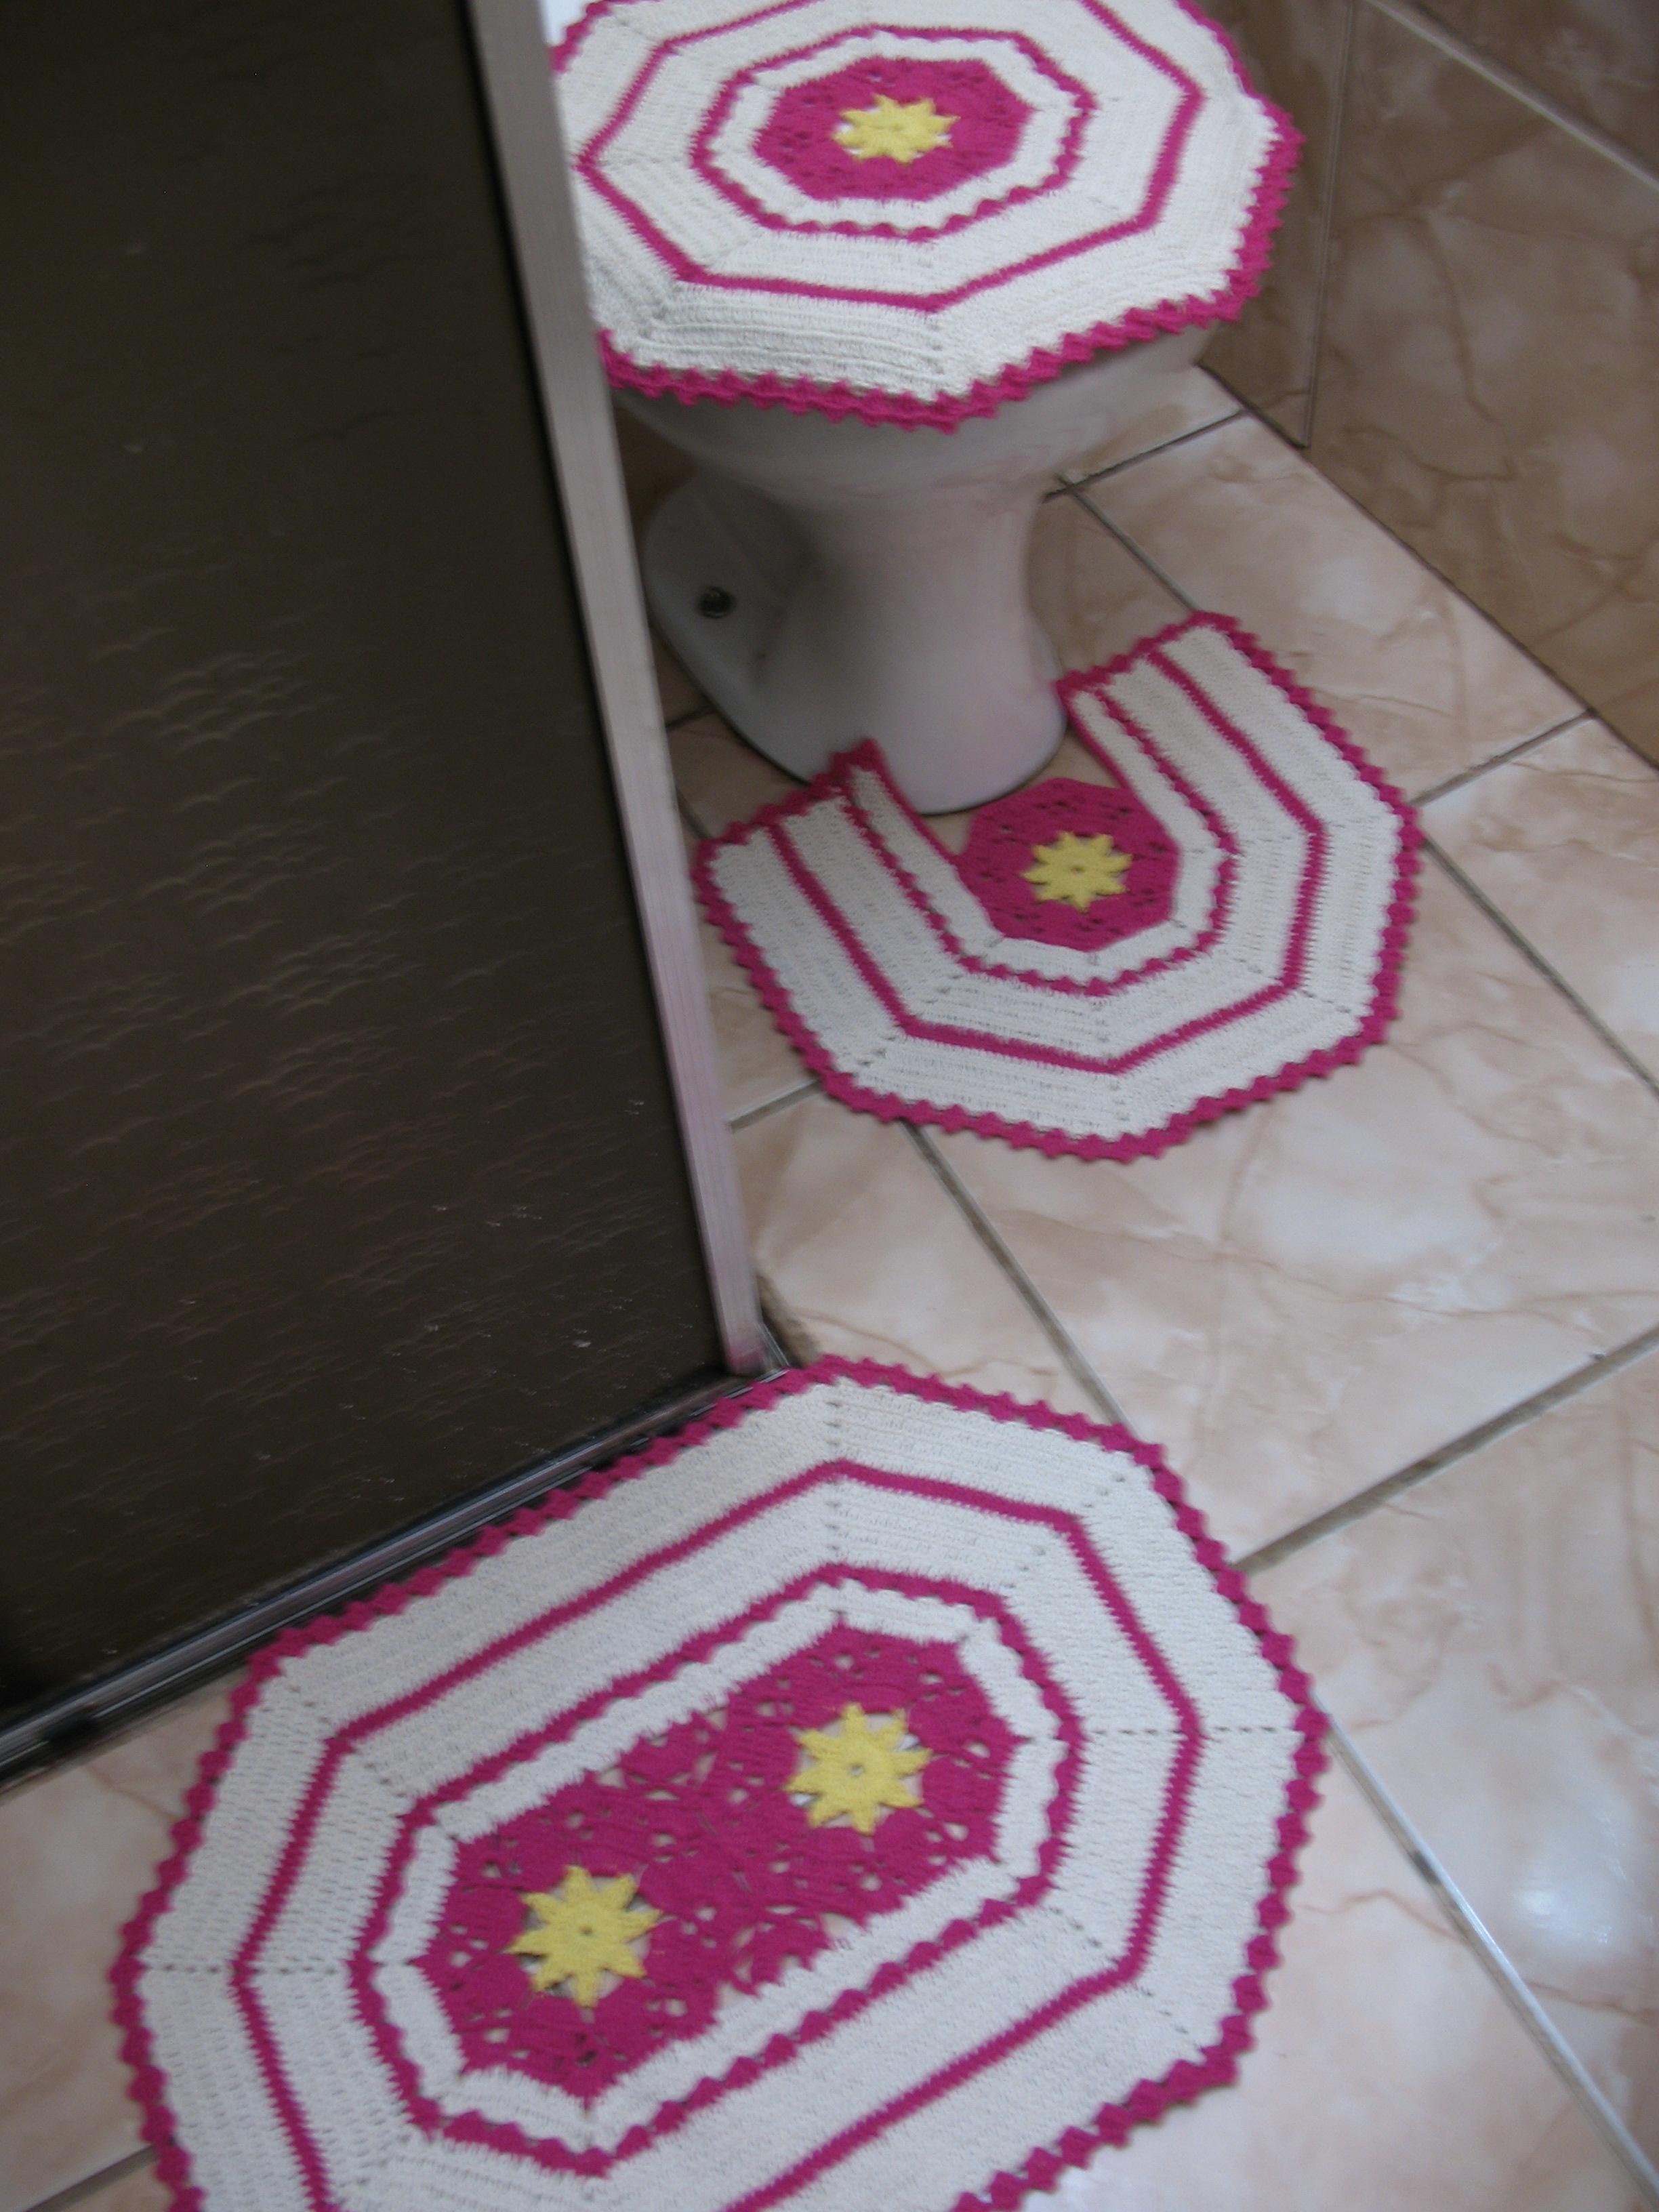 Jogo de tapetes para banheiro Jogo de tapetes para banheiro #903264 2448 3264